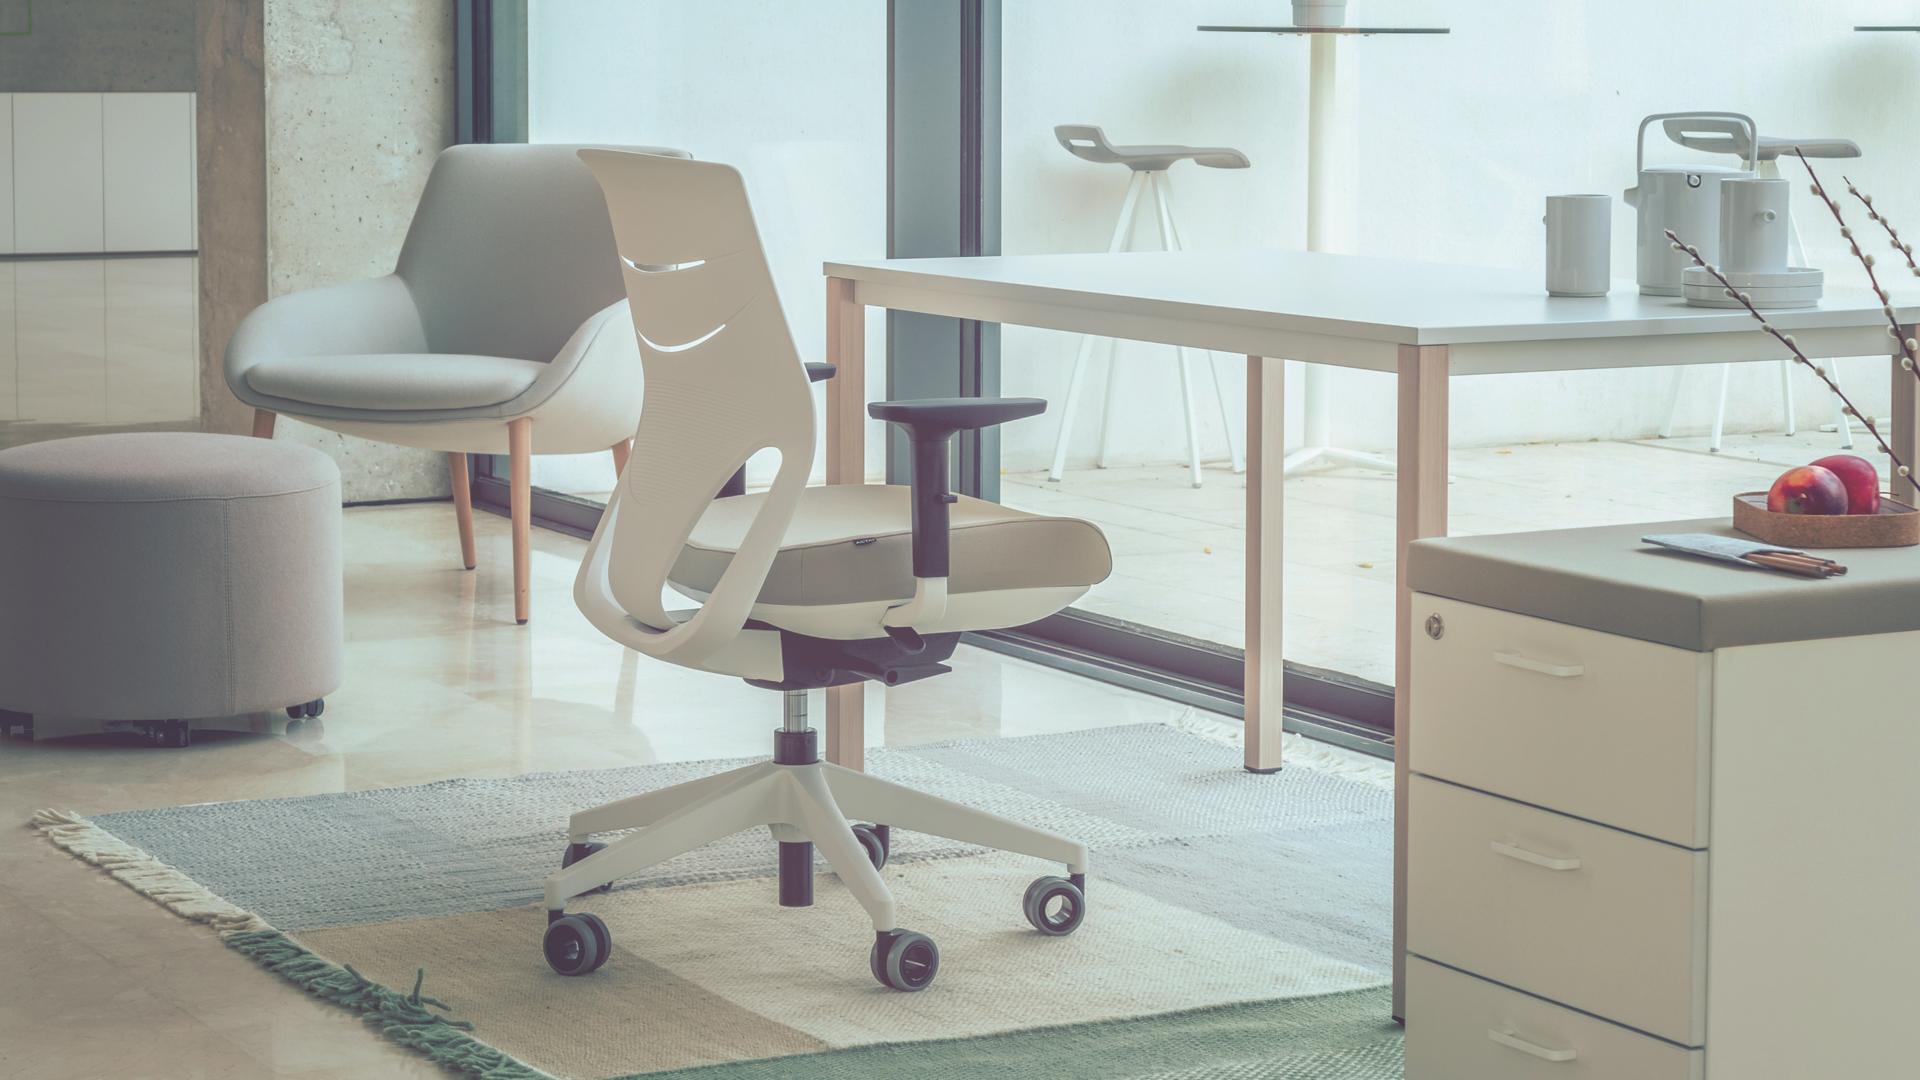 Actiu, pionera en España en la fabricación de mobiliario 0% formaldehído